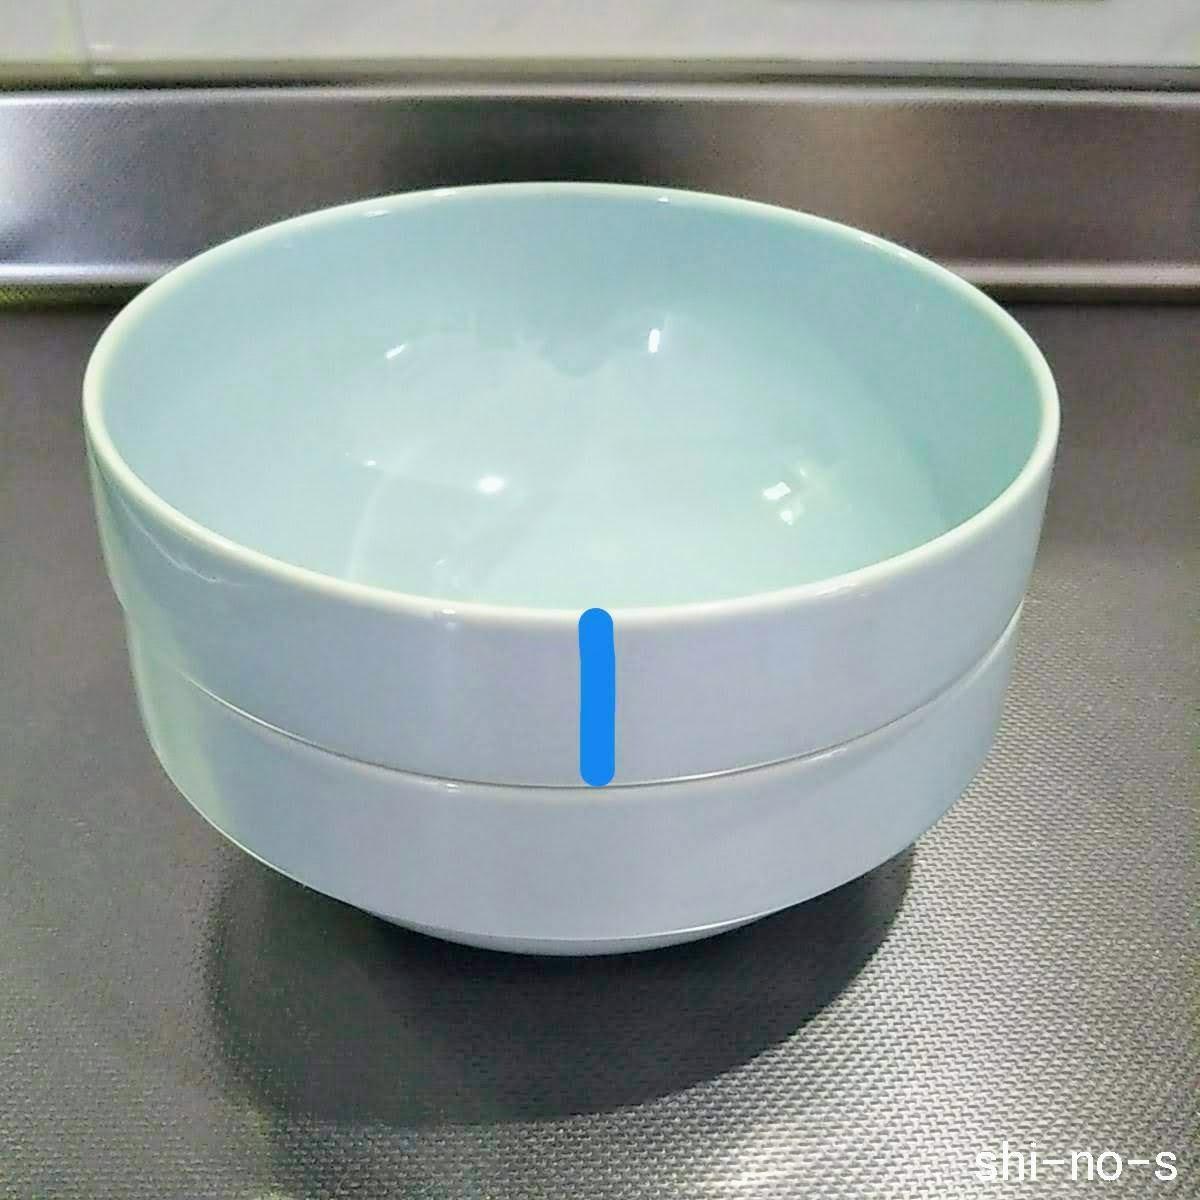 2つ重ねてた食器のはみ出した高さを測る